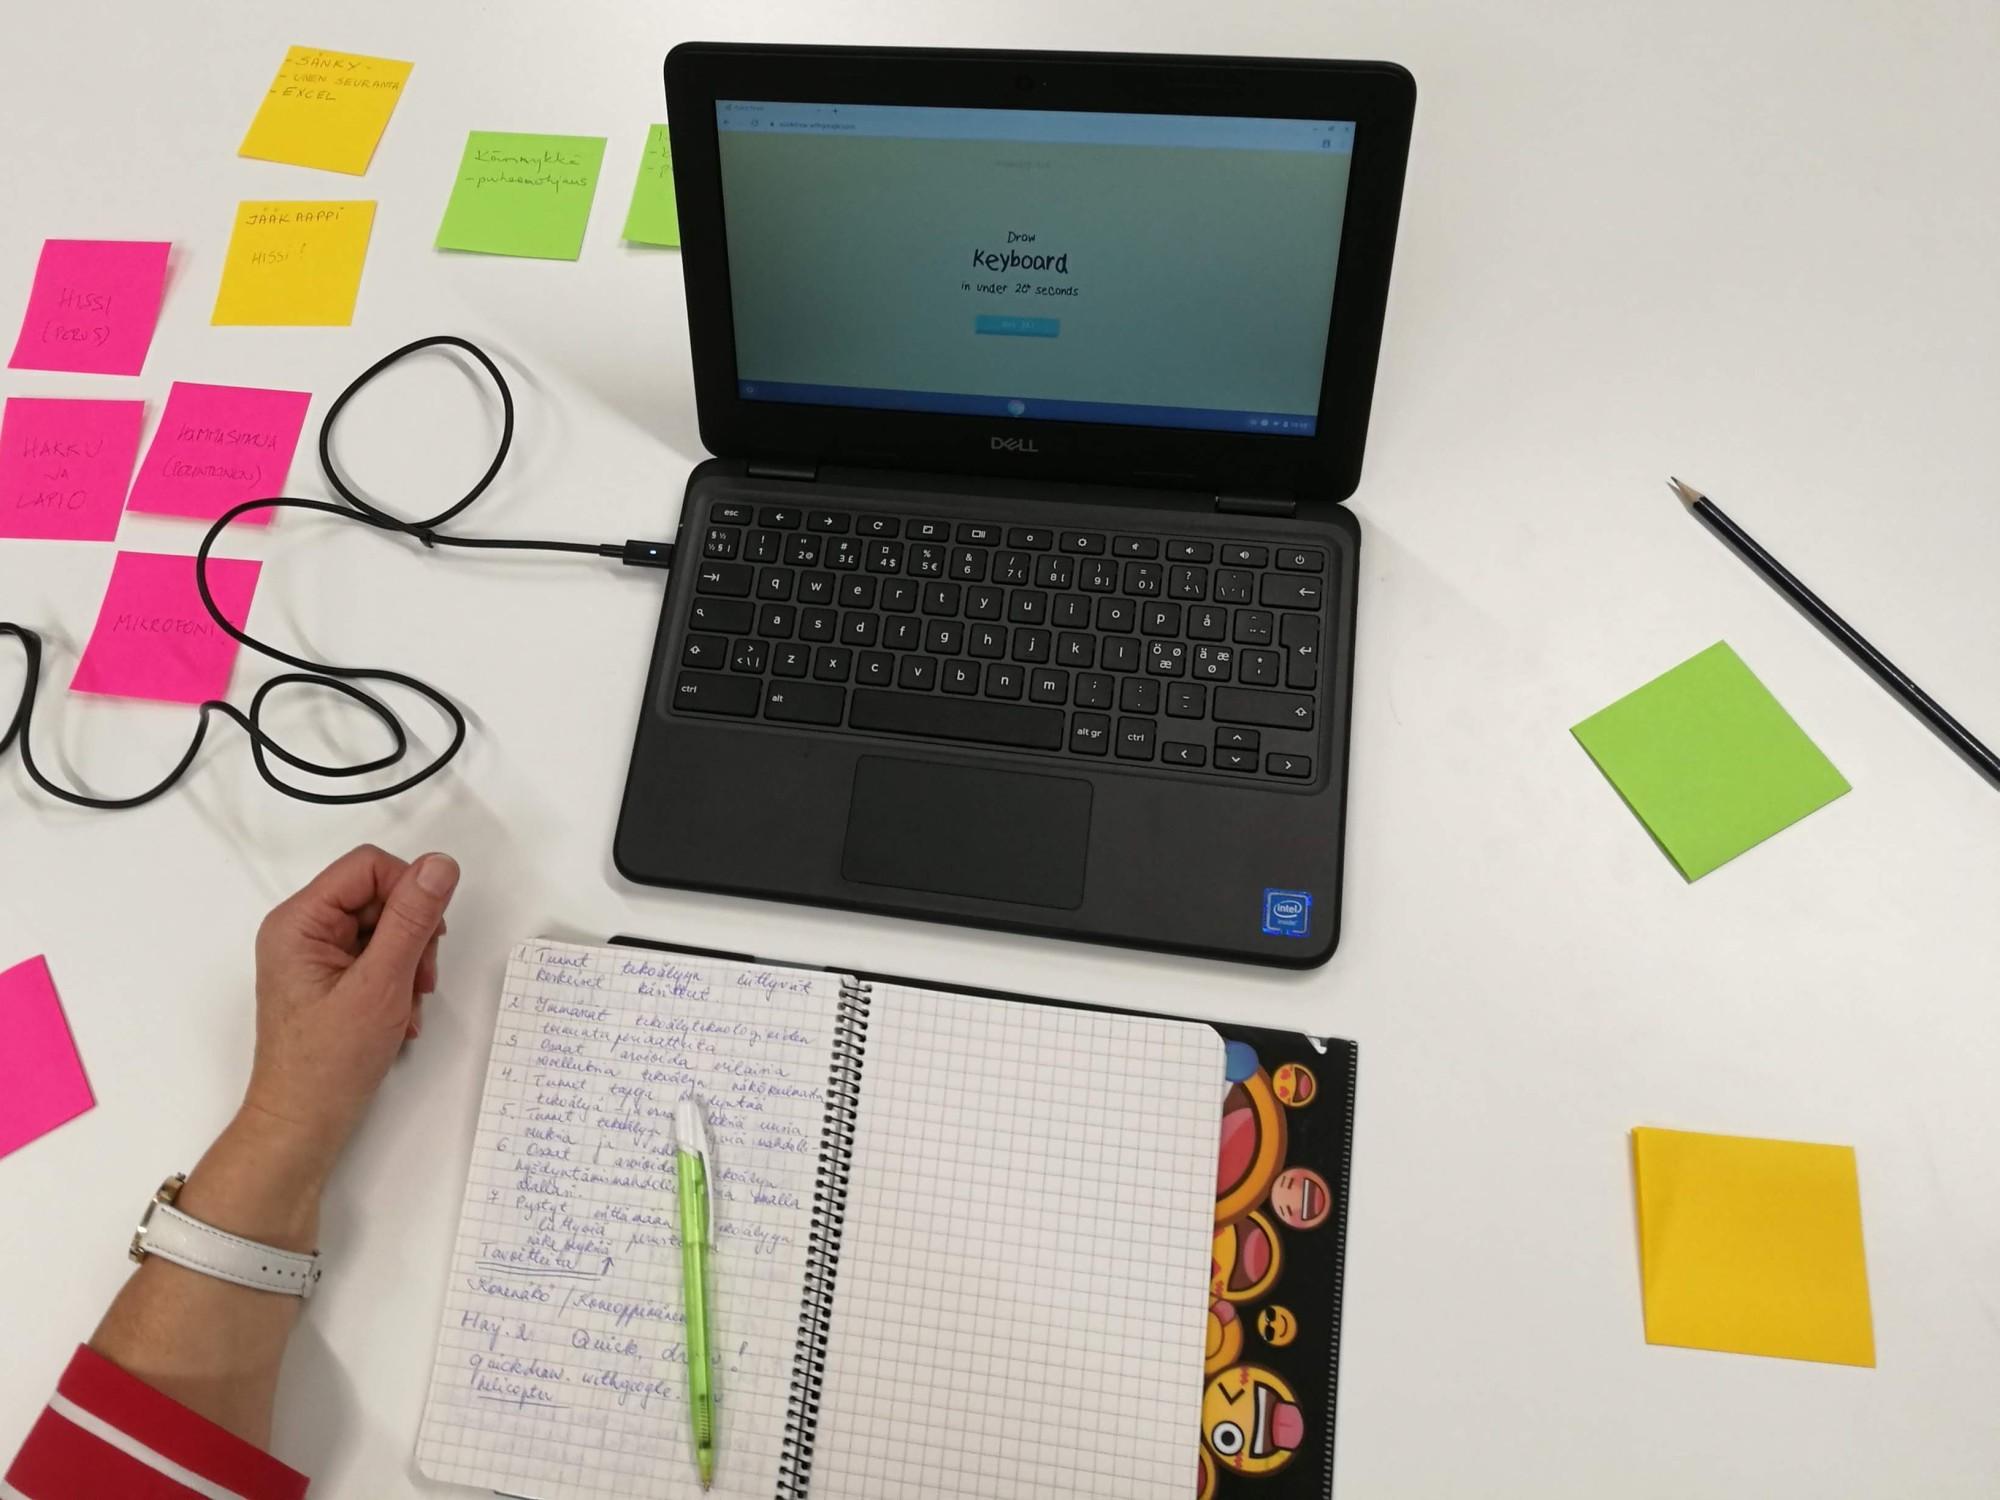 Tekoälyä ja tarralappuja – kuvaus opetuksellisesta lähestymistavasta teknologiaan